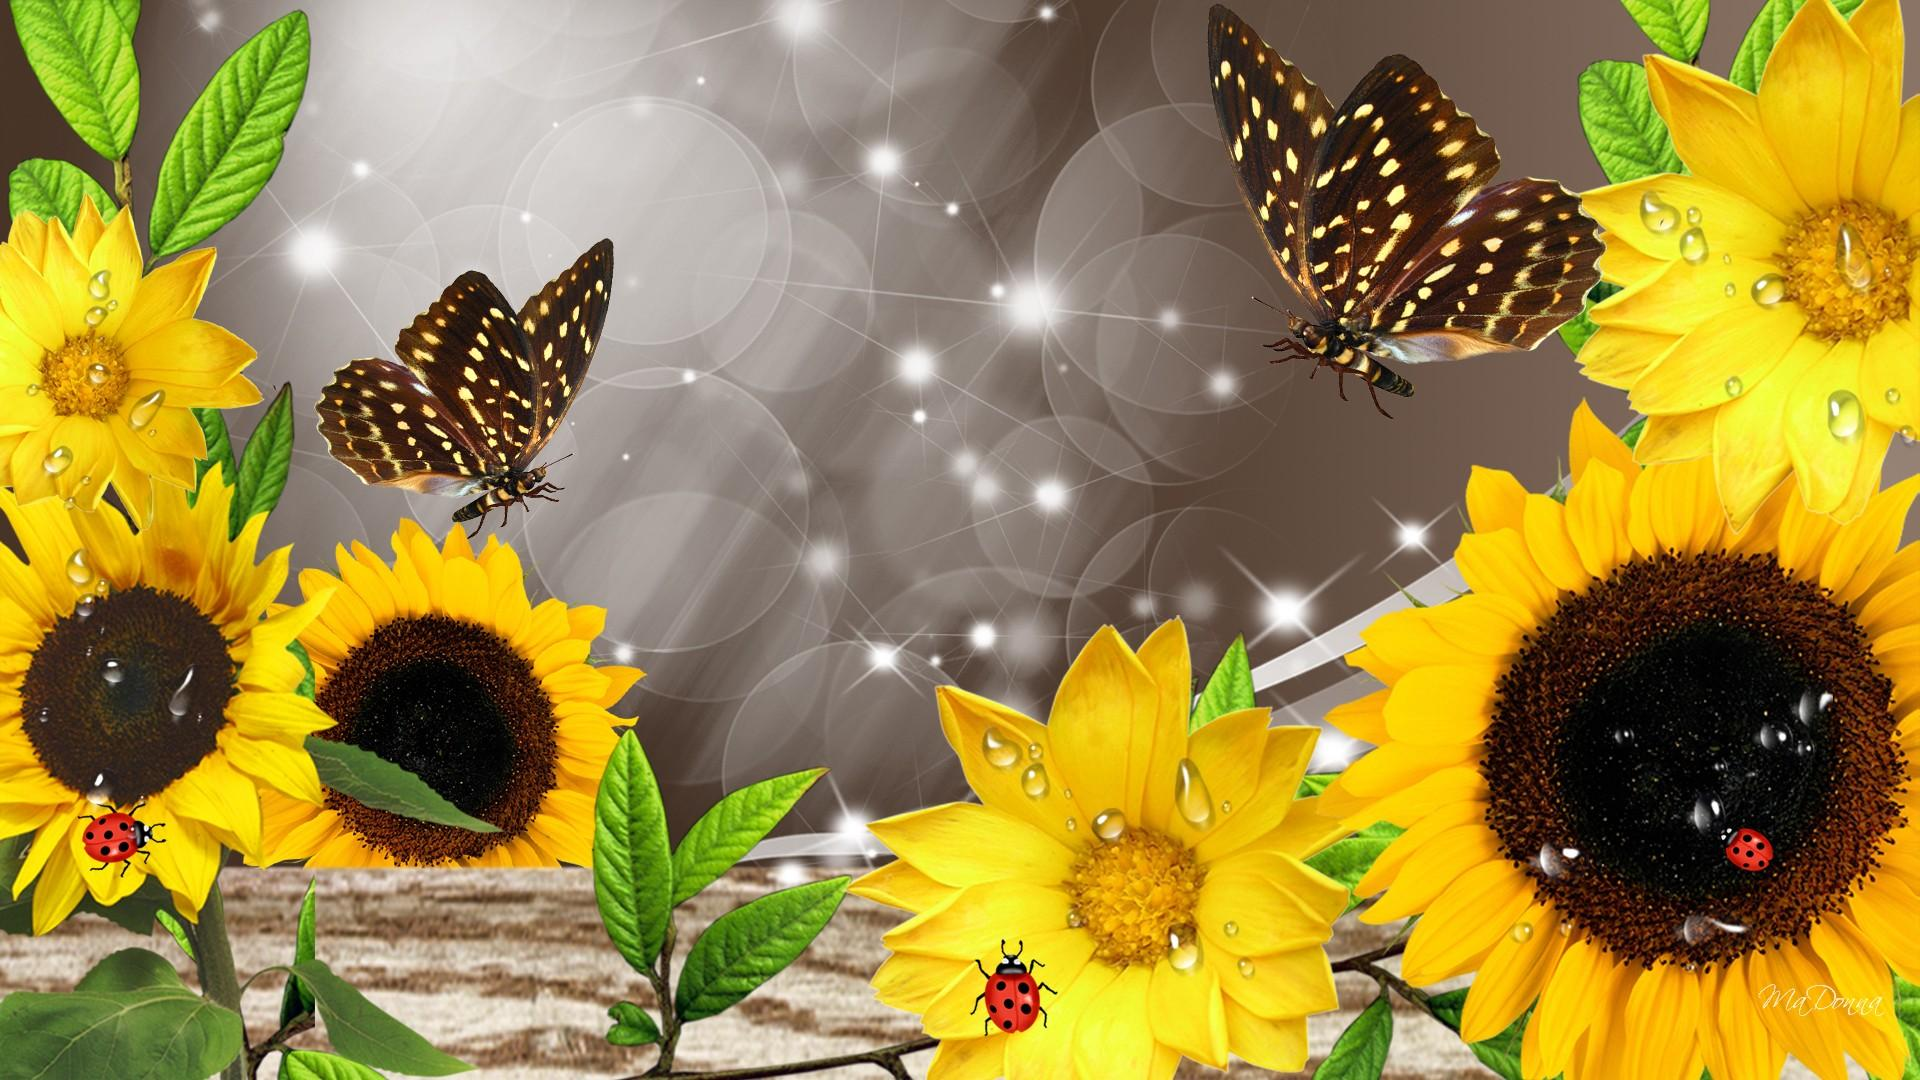 Fall Wallpaper Hd For Galaxy S4 Sunflowers After The Rain Wallpaper Water Wallpaper Better